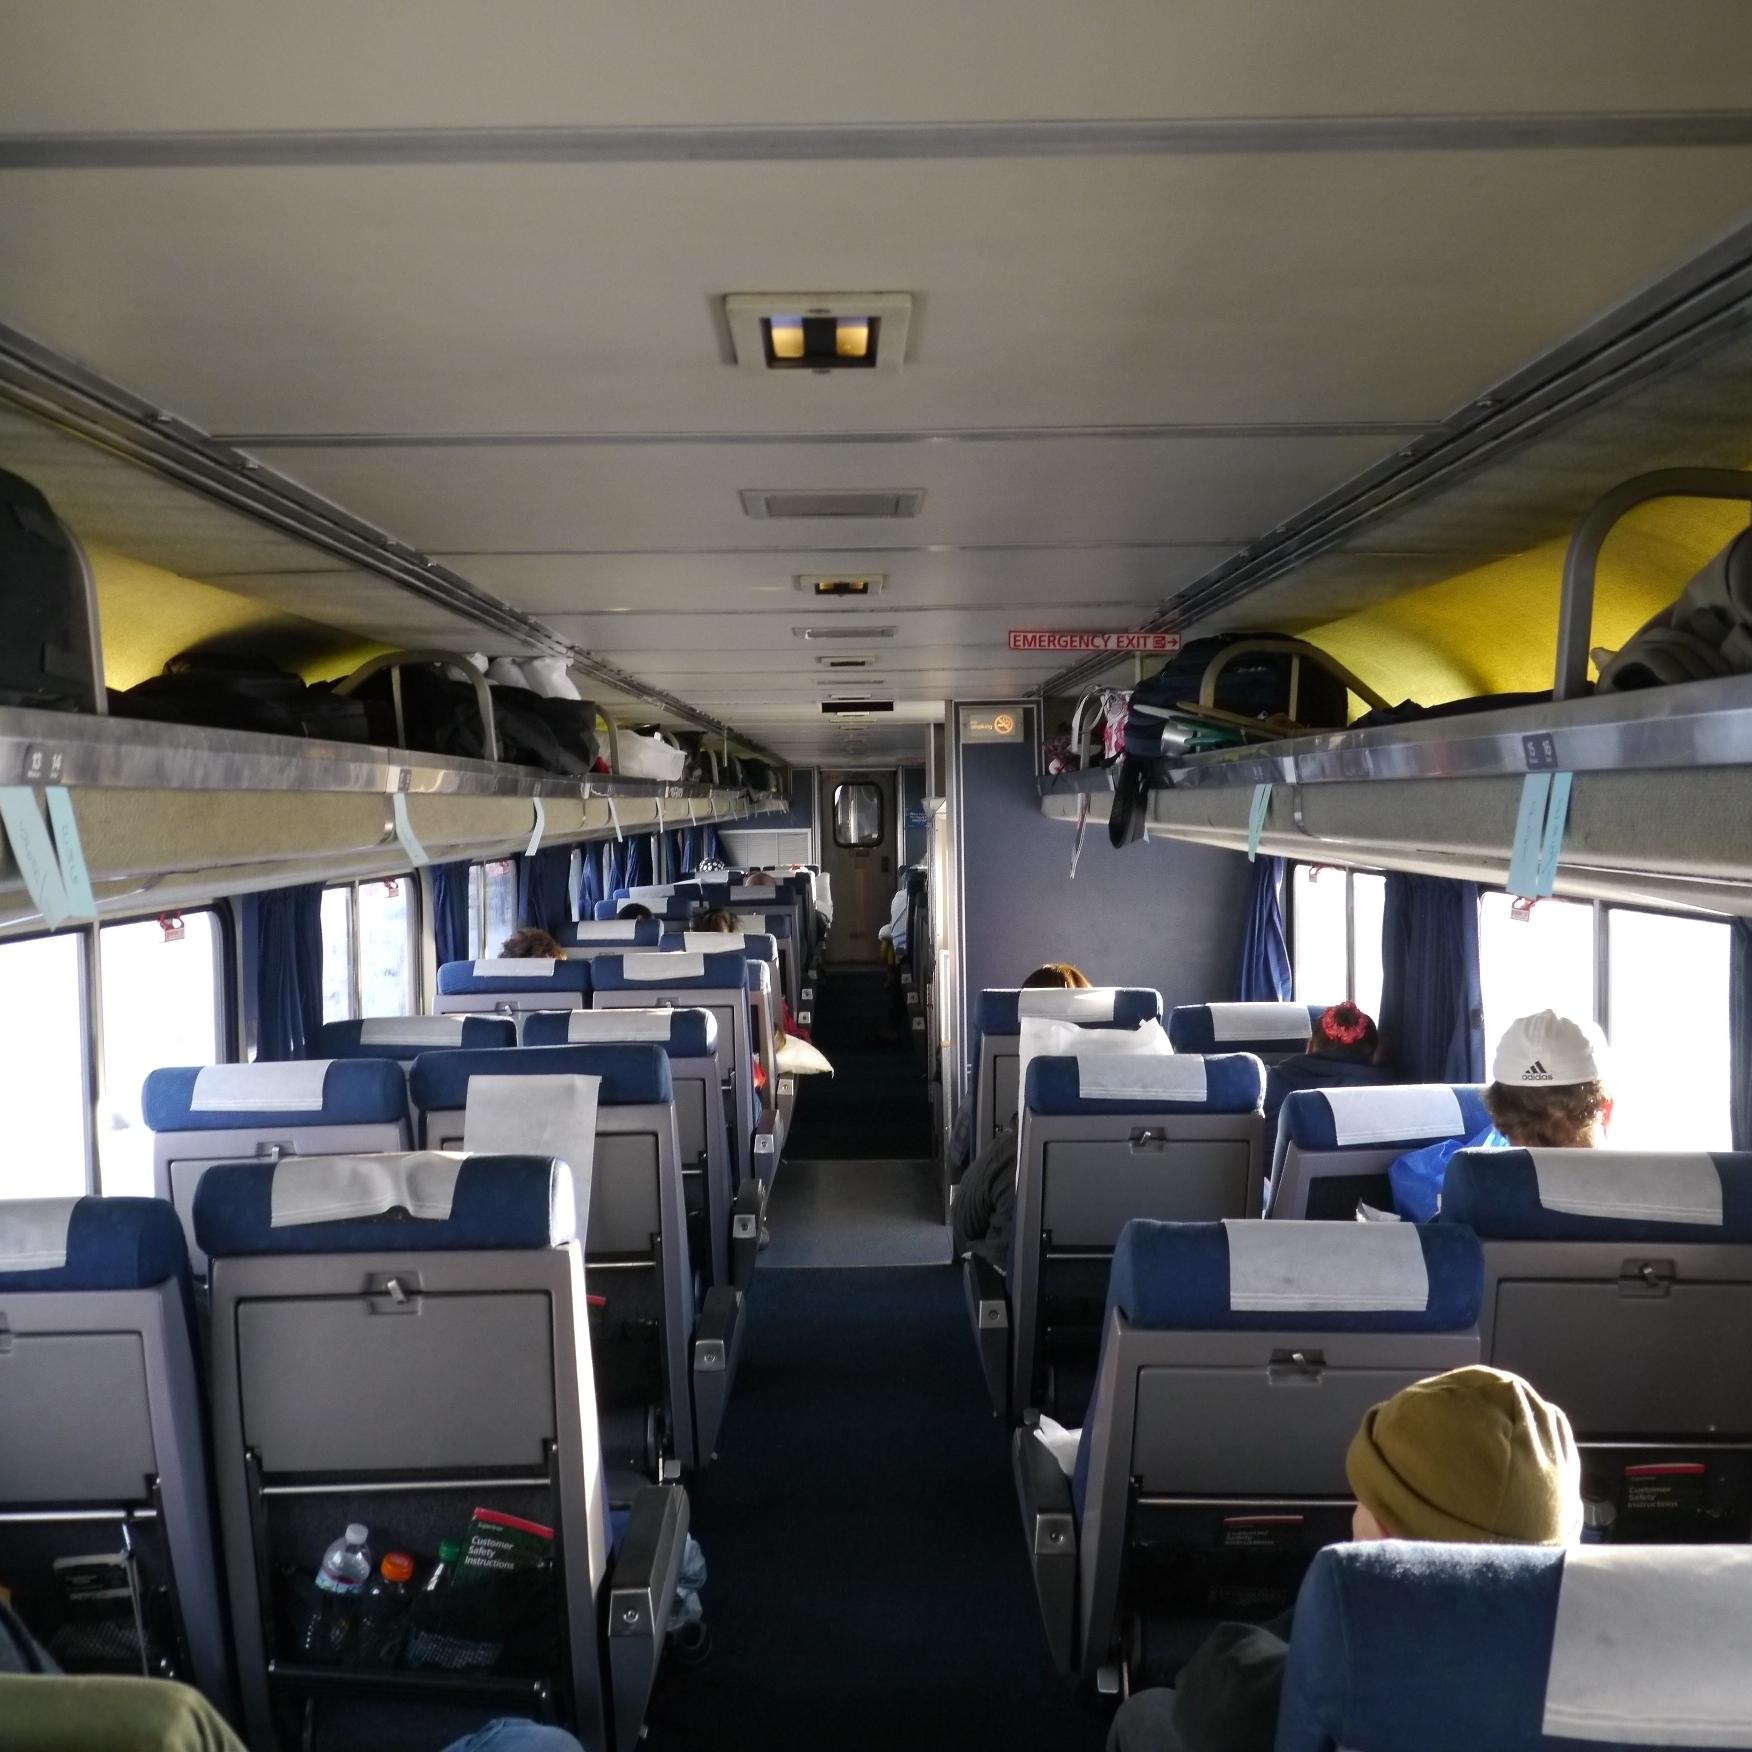 Amtrak_Superliner_Coach_Car_-_Coast_Starlight.jpg